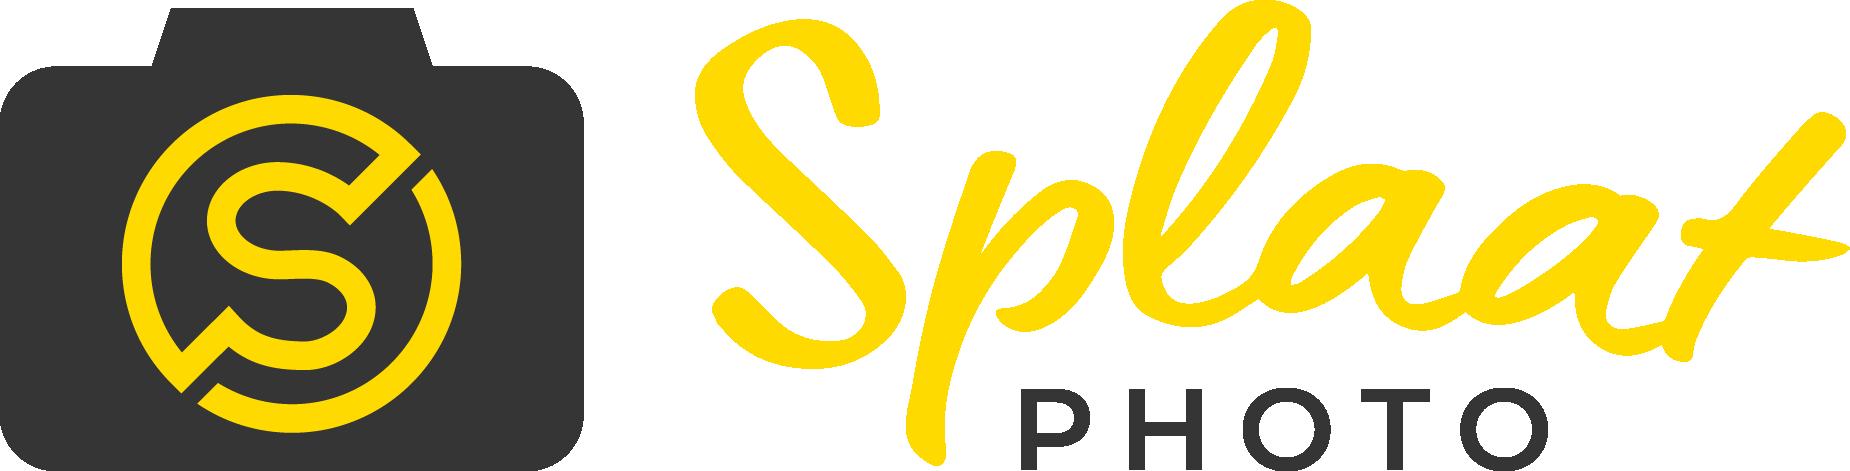 Splaat Photo - Registration